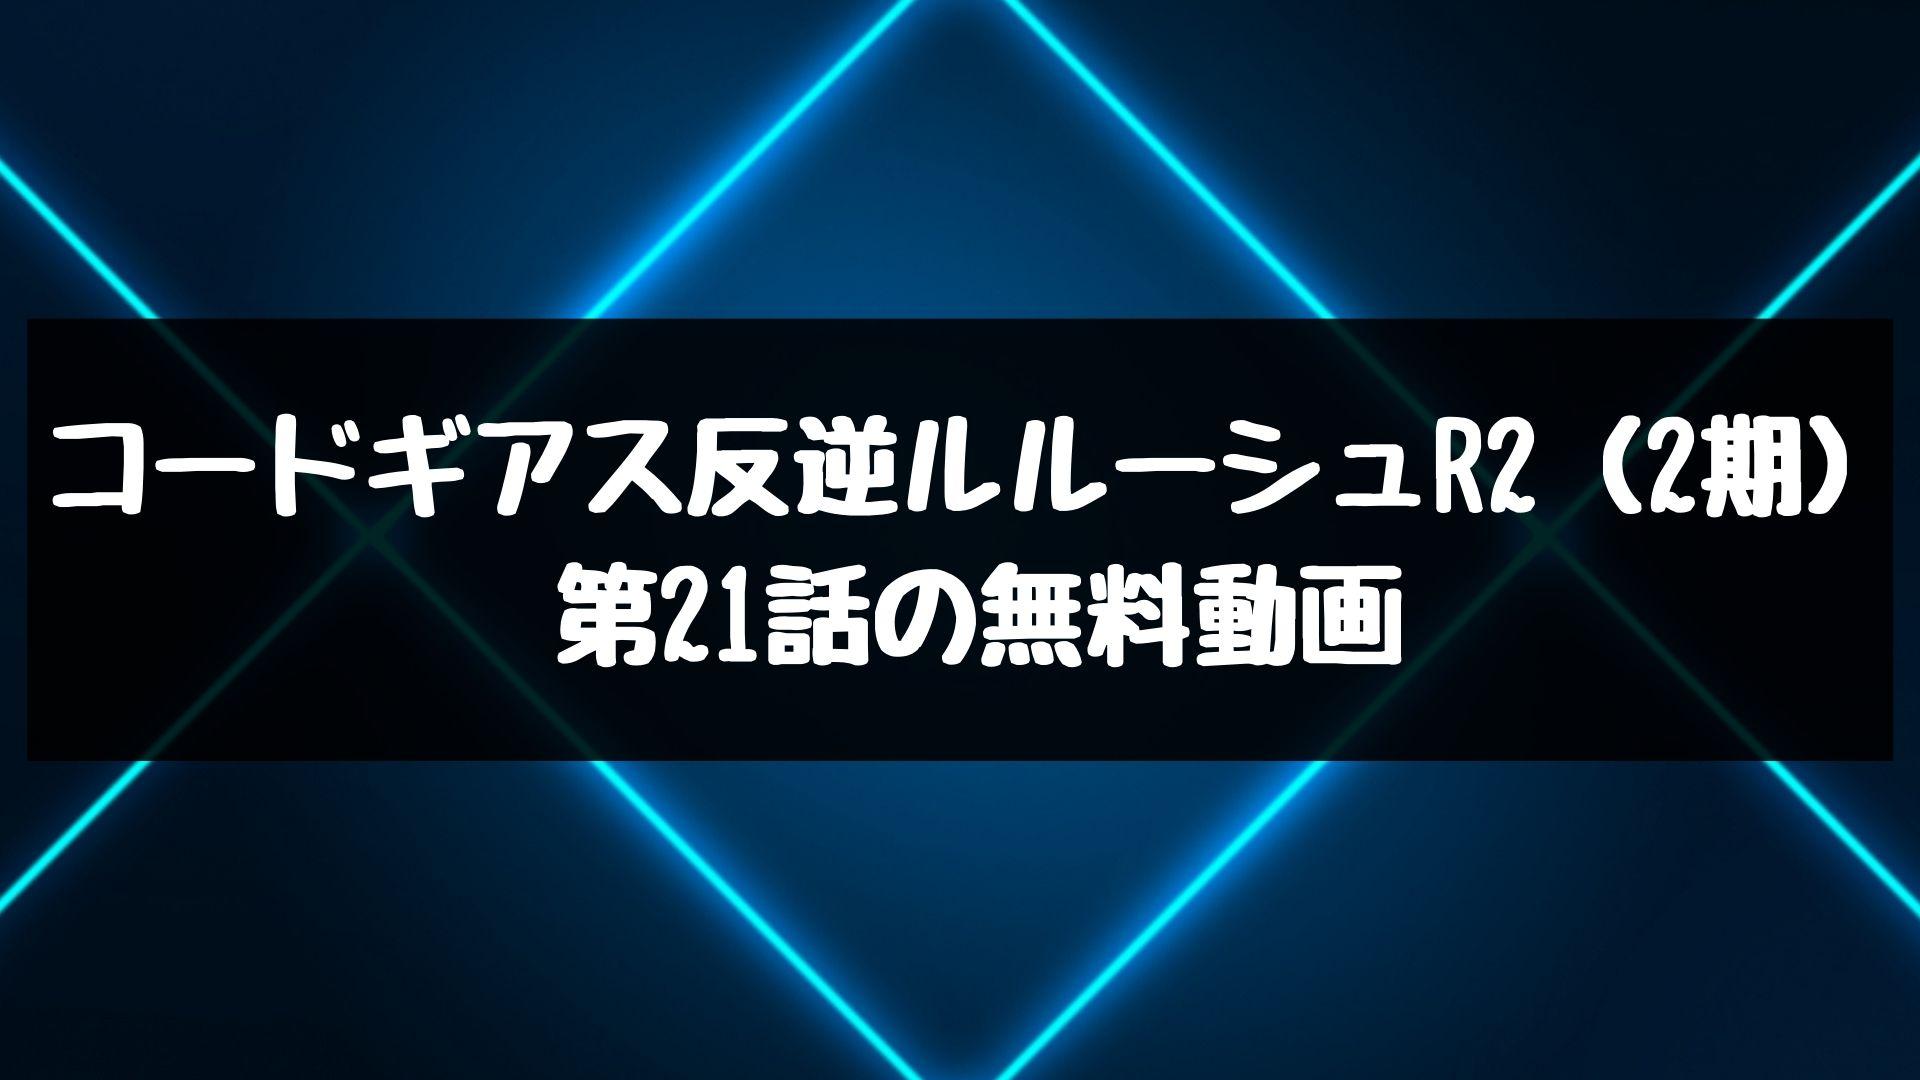 コードギアス反逆ルルーシュR2(2期) 第21話の無料動画